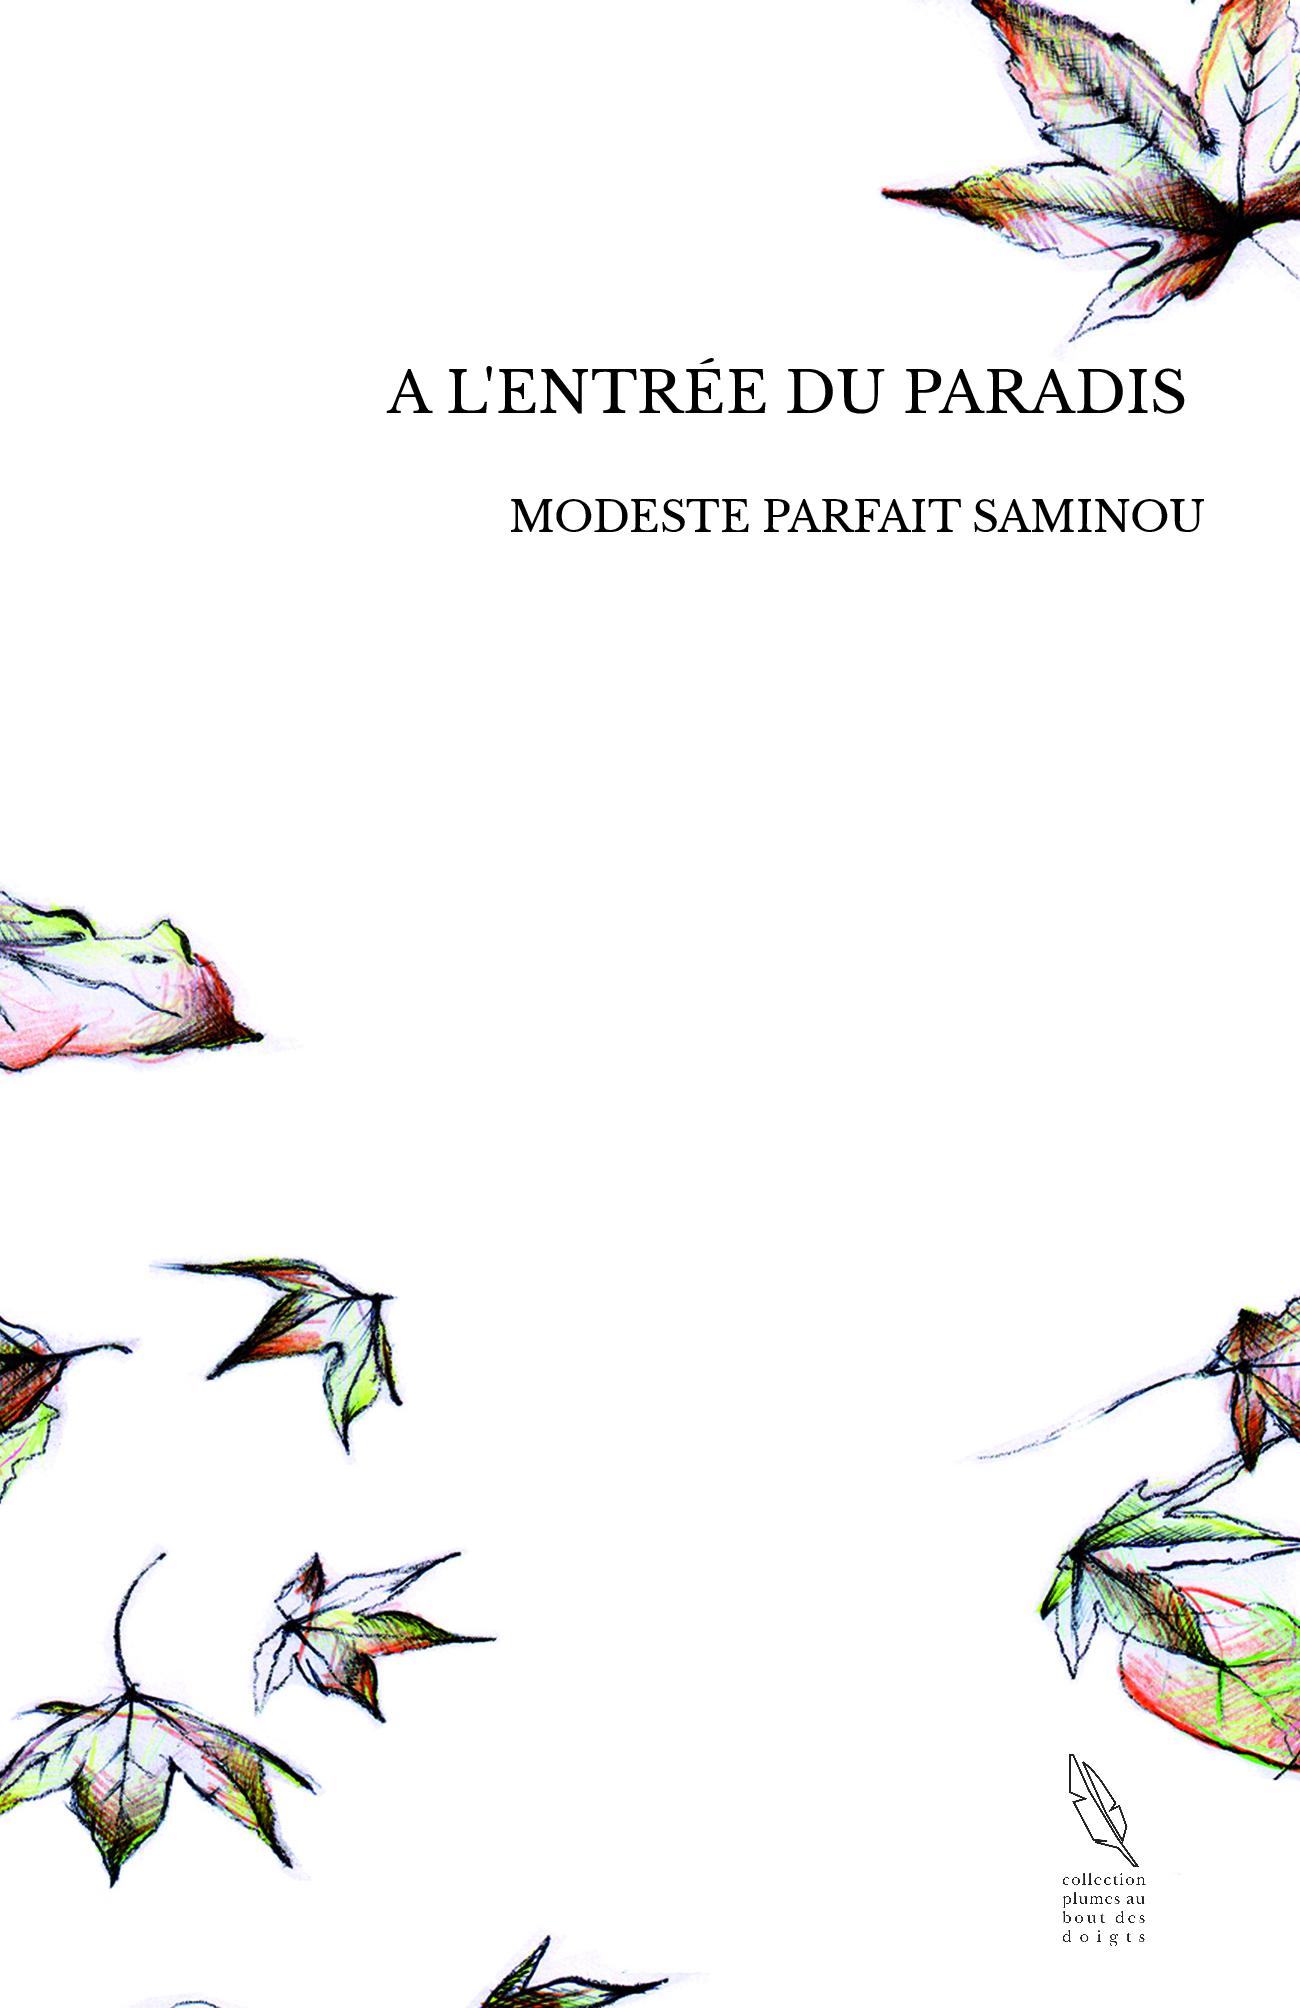 A L'ENTRÉE DU PARADIS